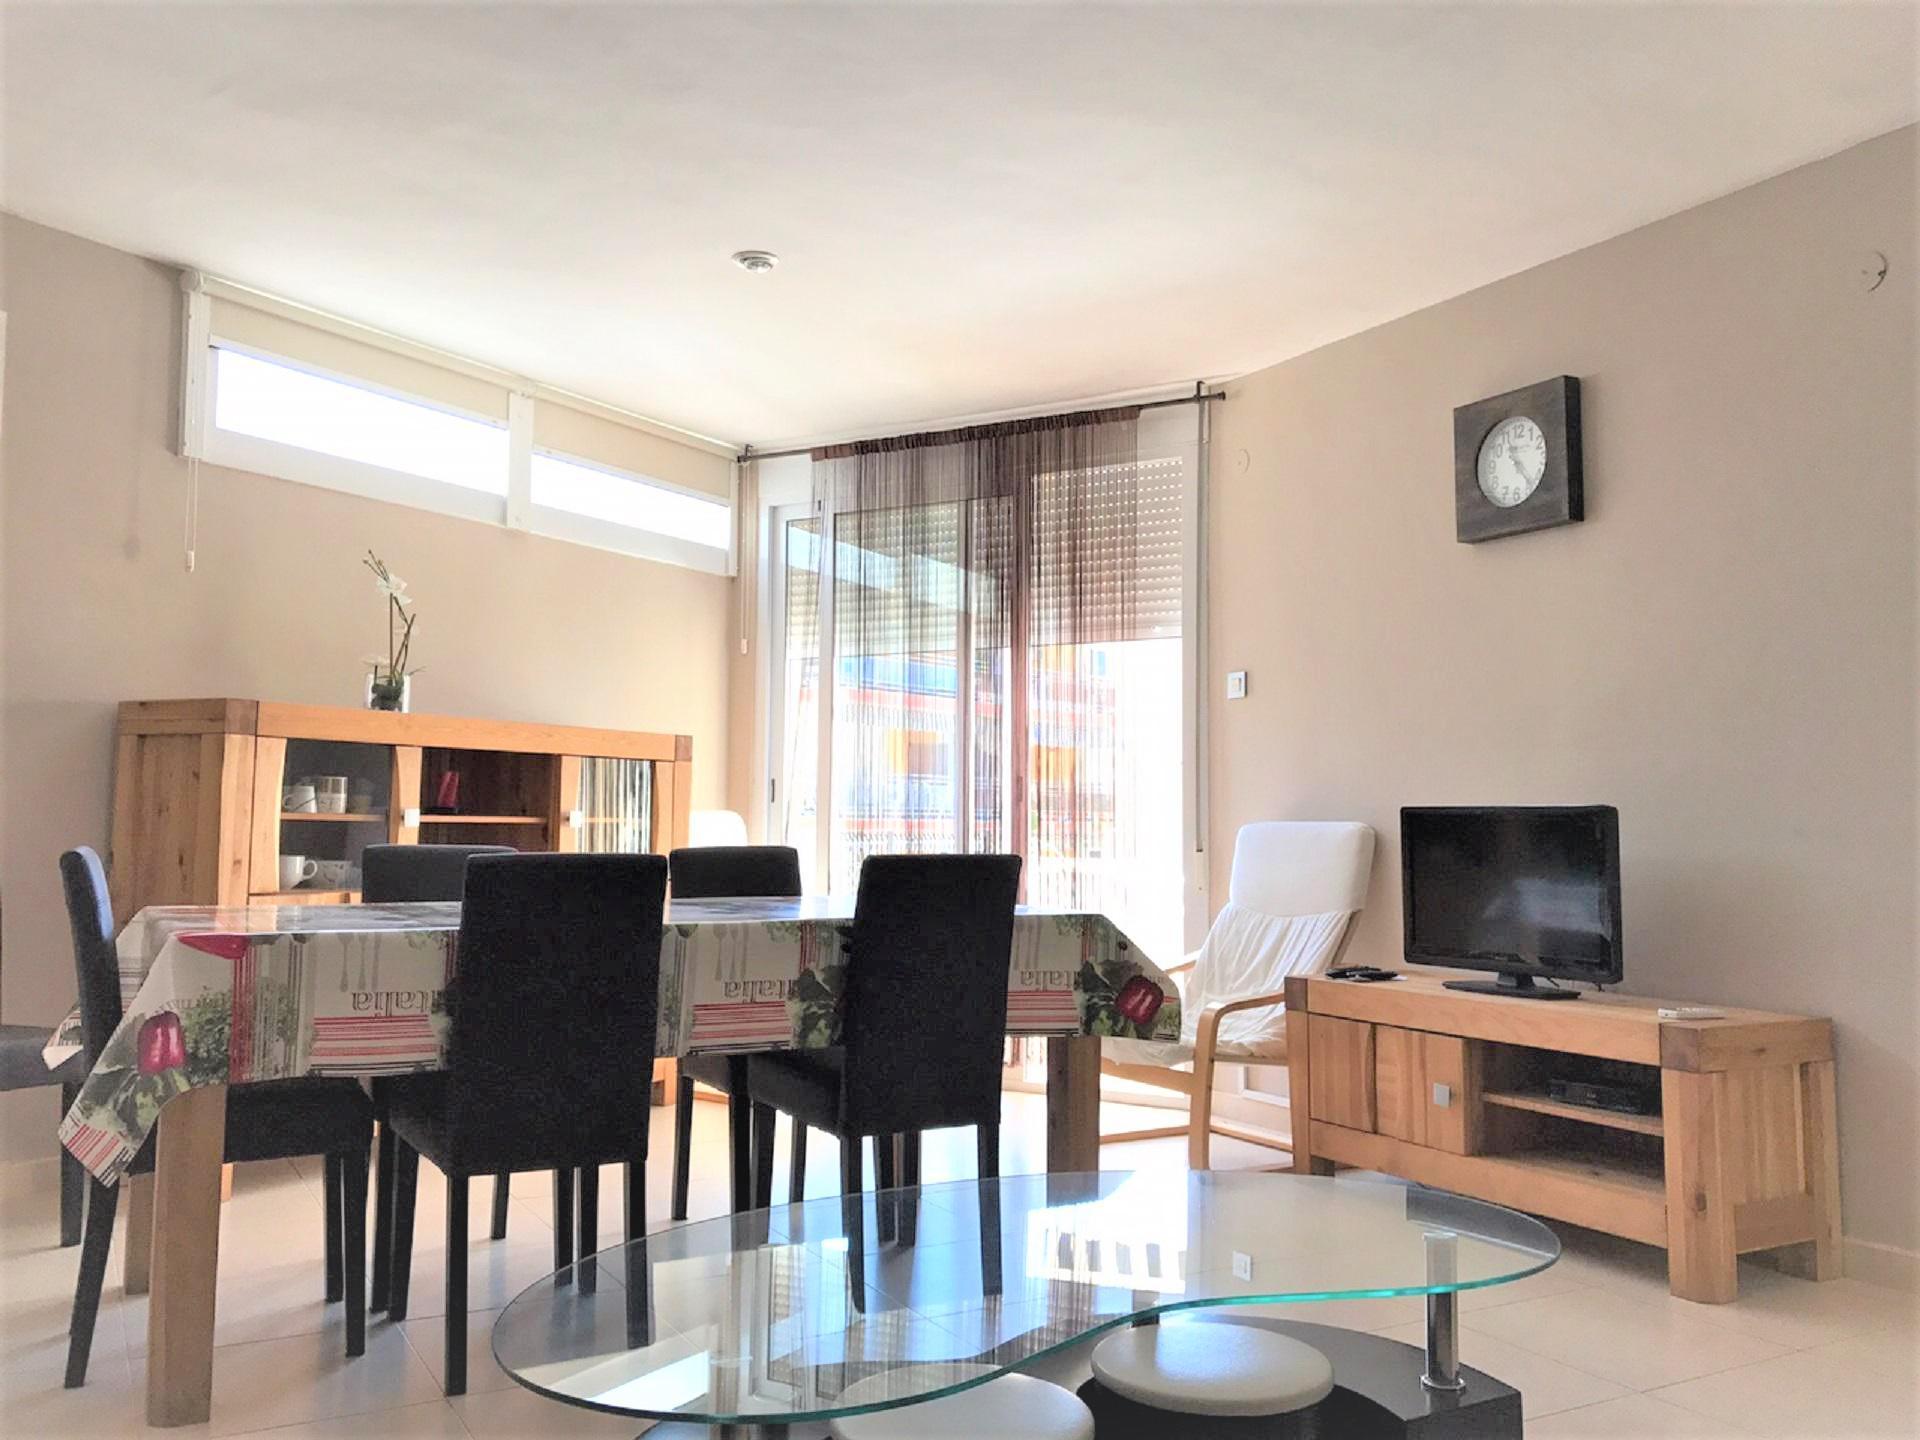 Appartement -                                       Cambrils -                                       2 Schlafzimmer -                                       5 Personen